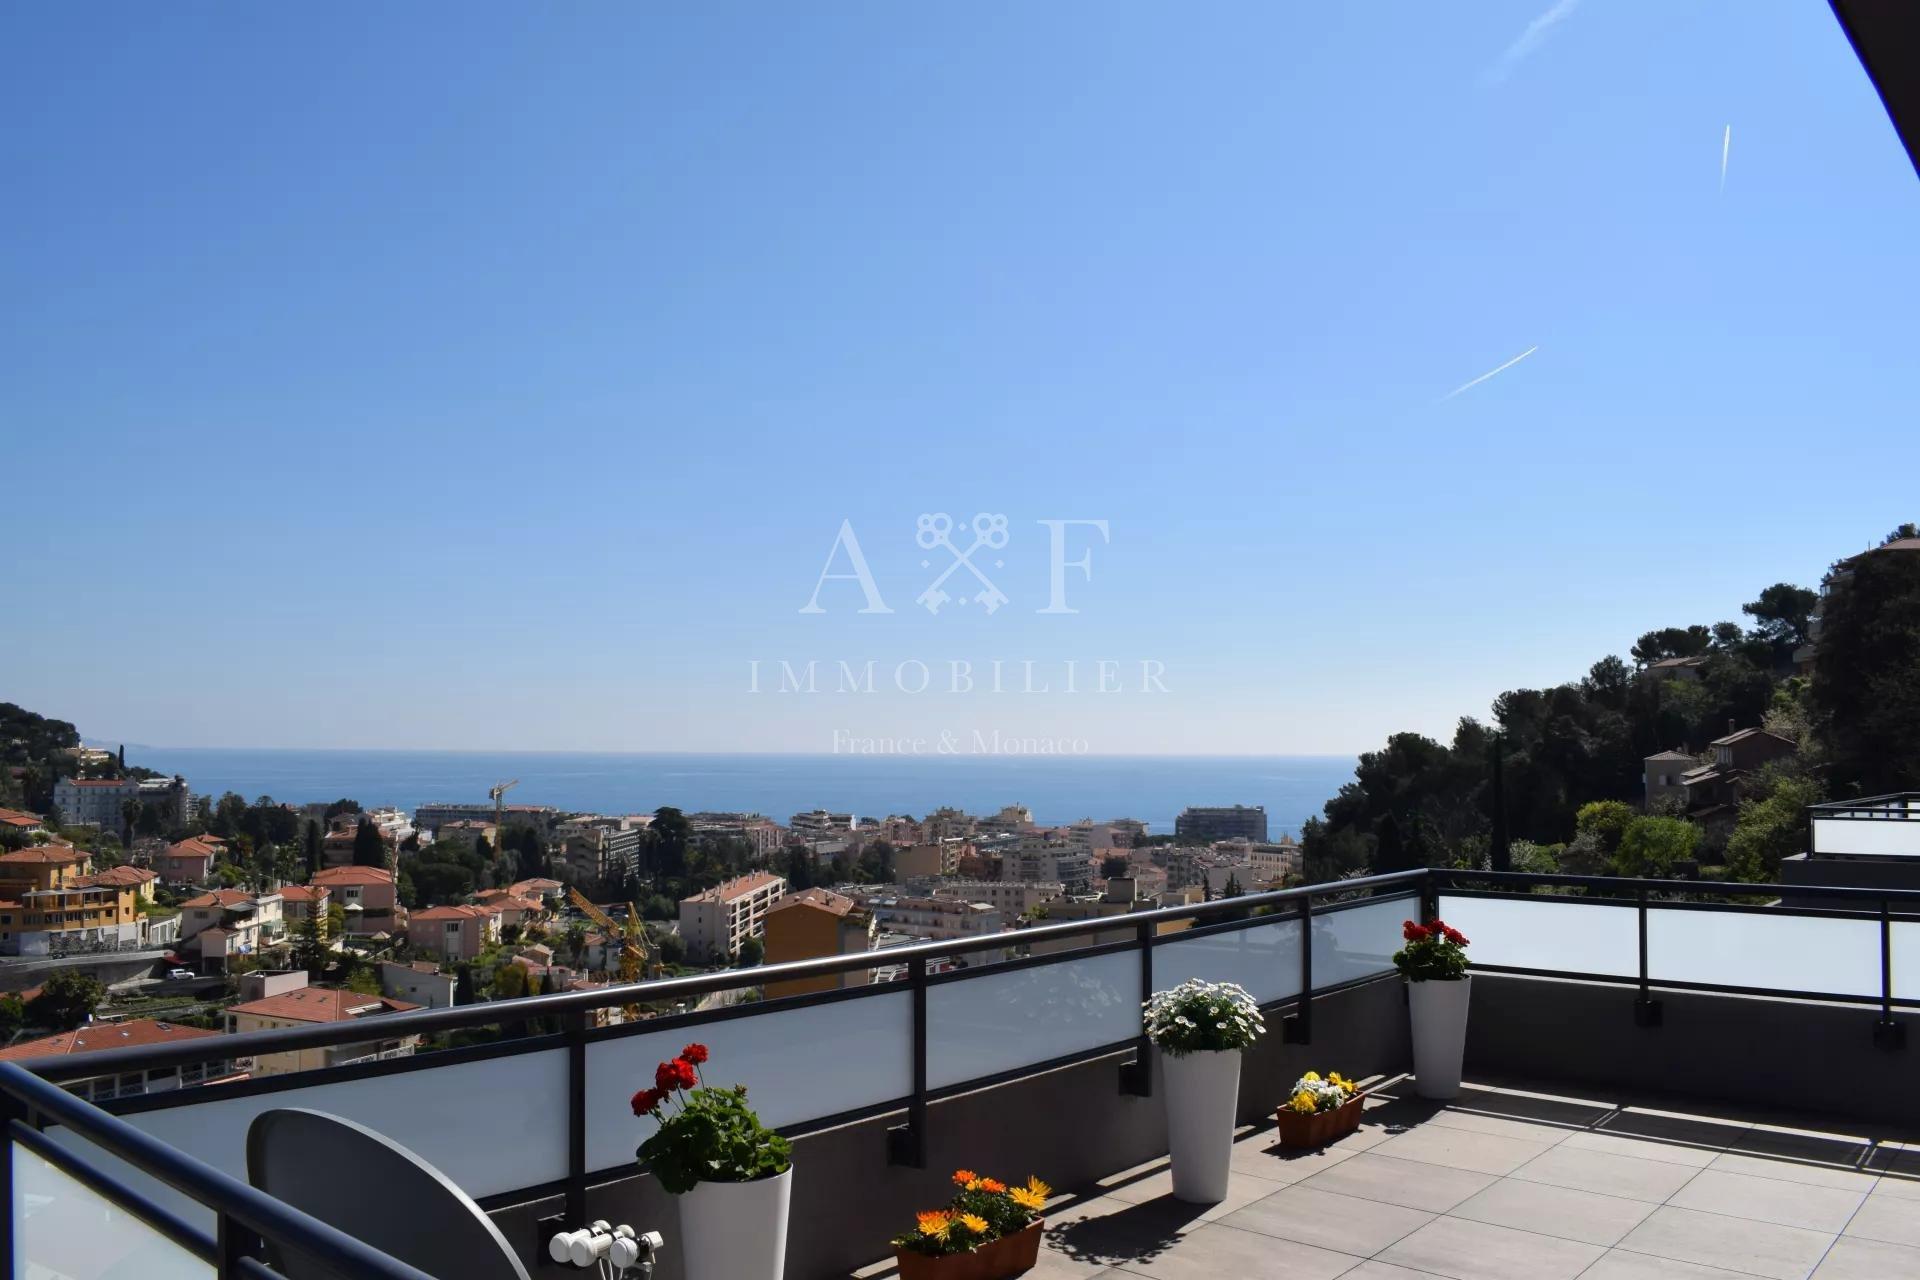 Overlooking the valley of Roquebrune Cap Martin